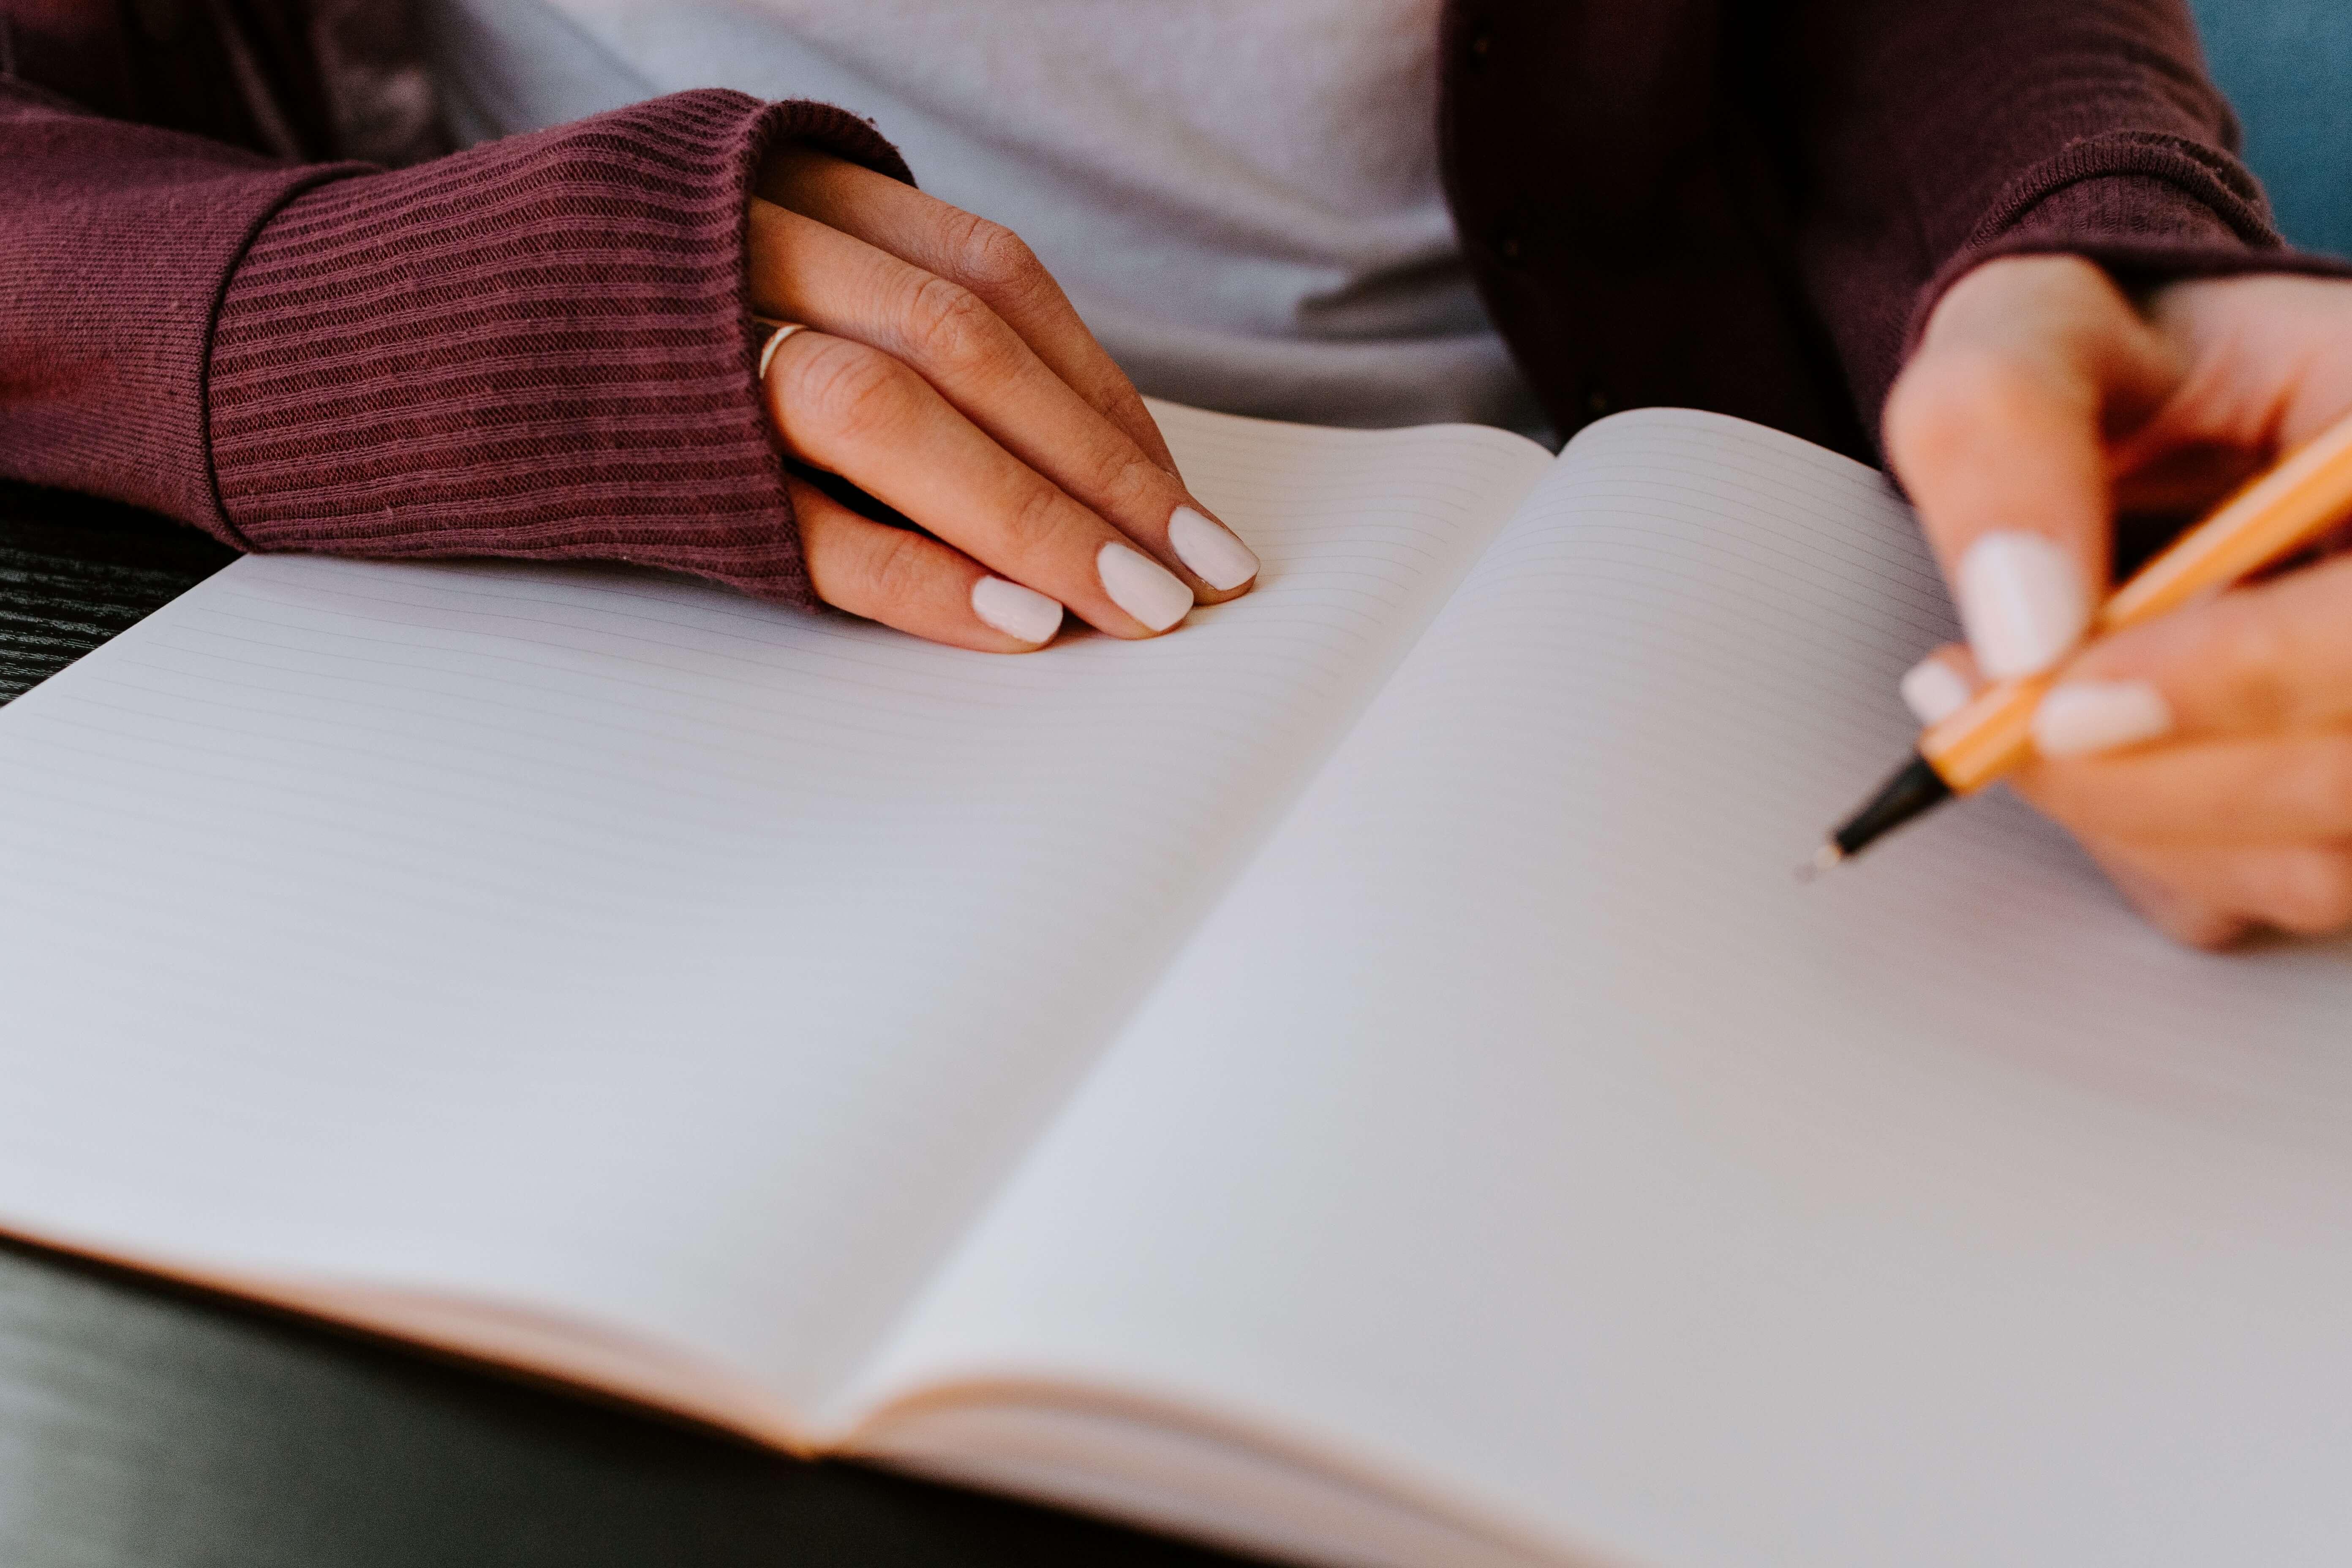 ノートを書く女性の手元